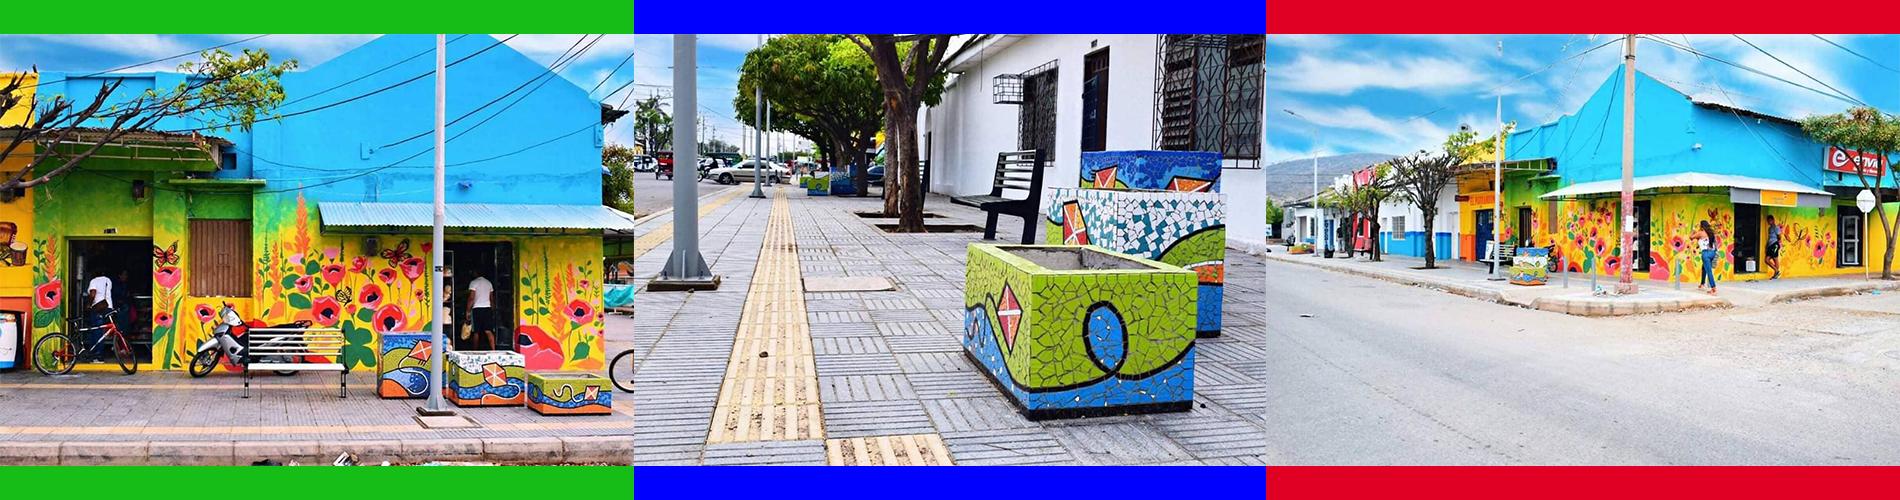 Cultura en La Paz-Cesar 2019